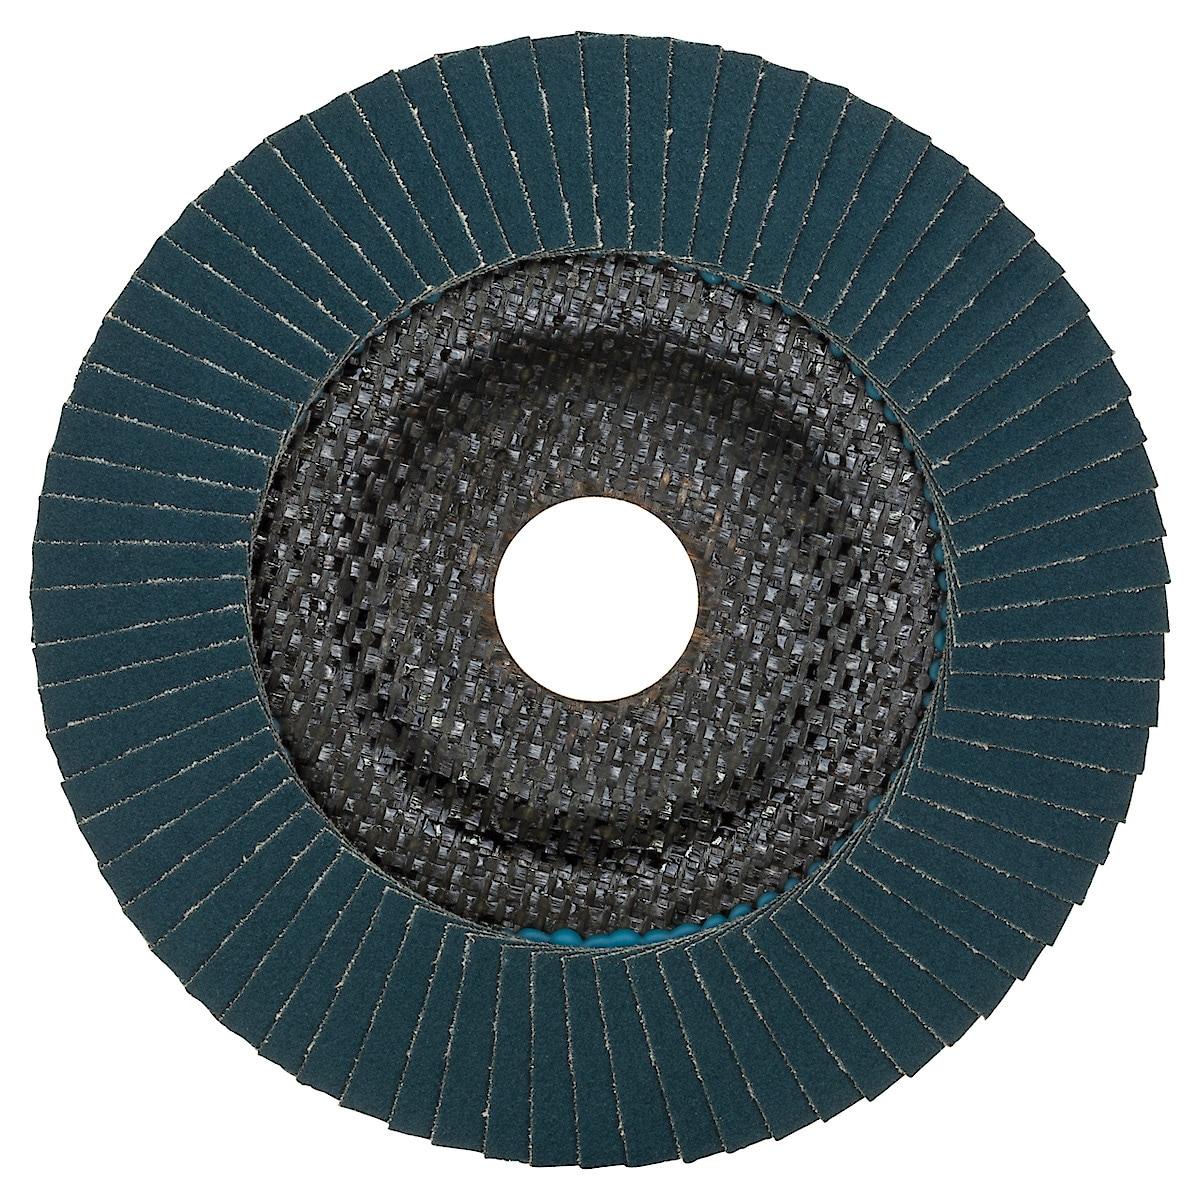 Bosch lamellsliperondell, 125 mm